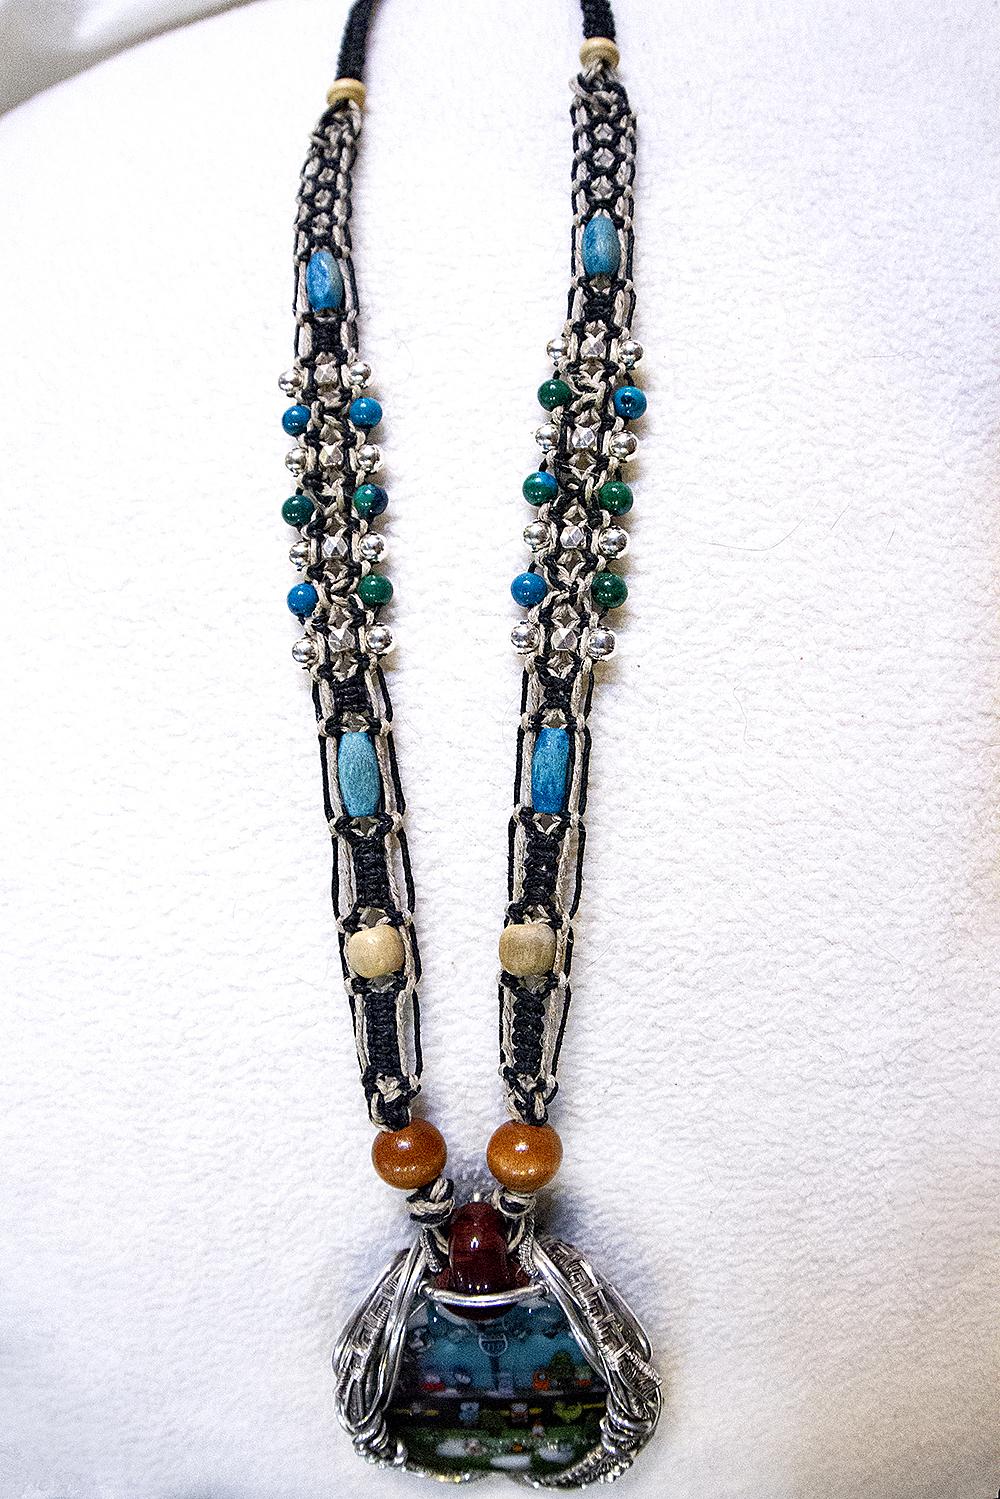 Necklace by Jesse Jayne